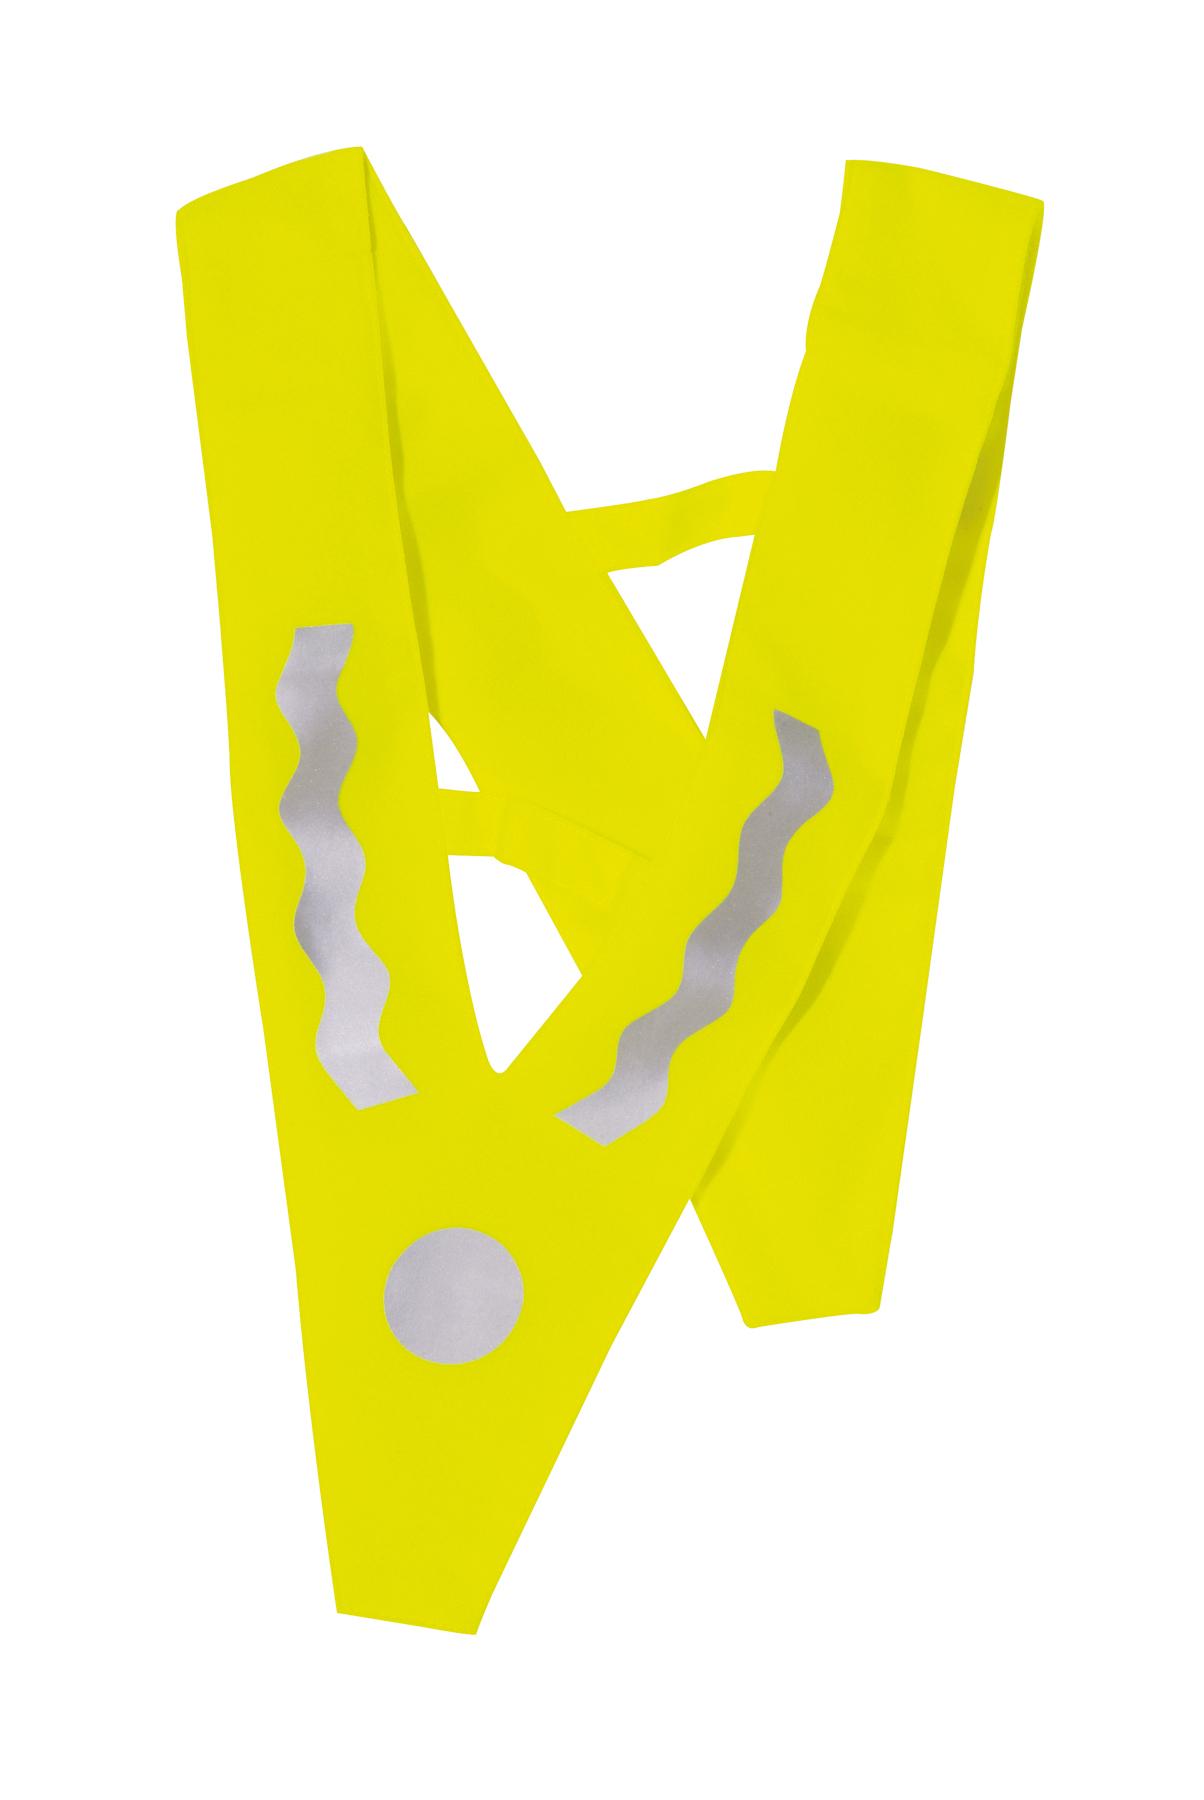 Kamizelka odblaskowa dla dzieci VICTORY, srebrny, żółty